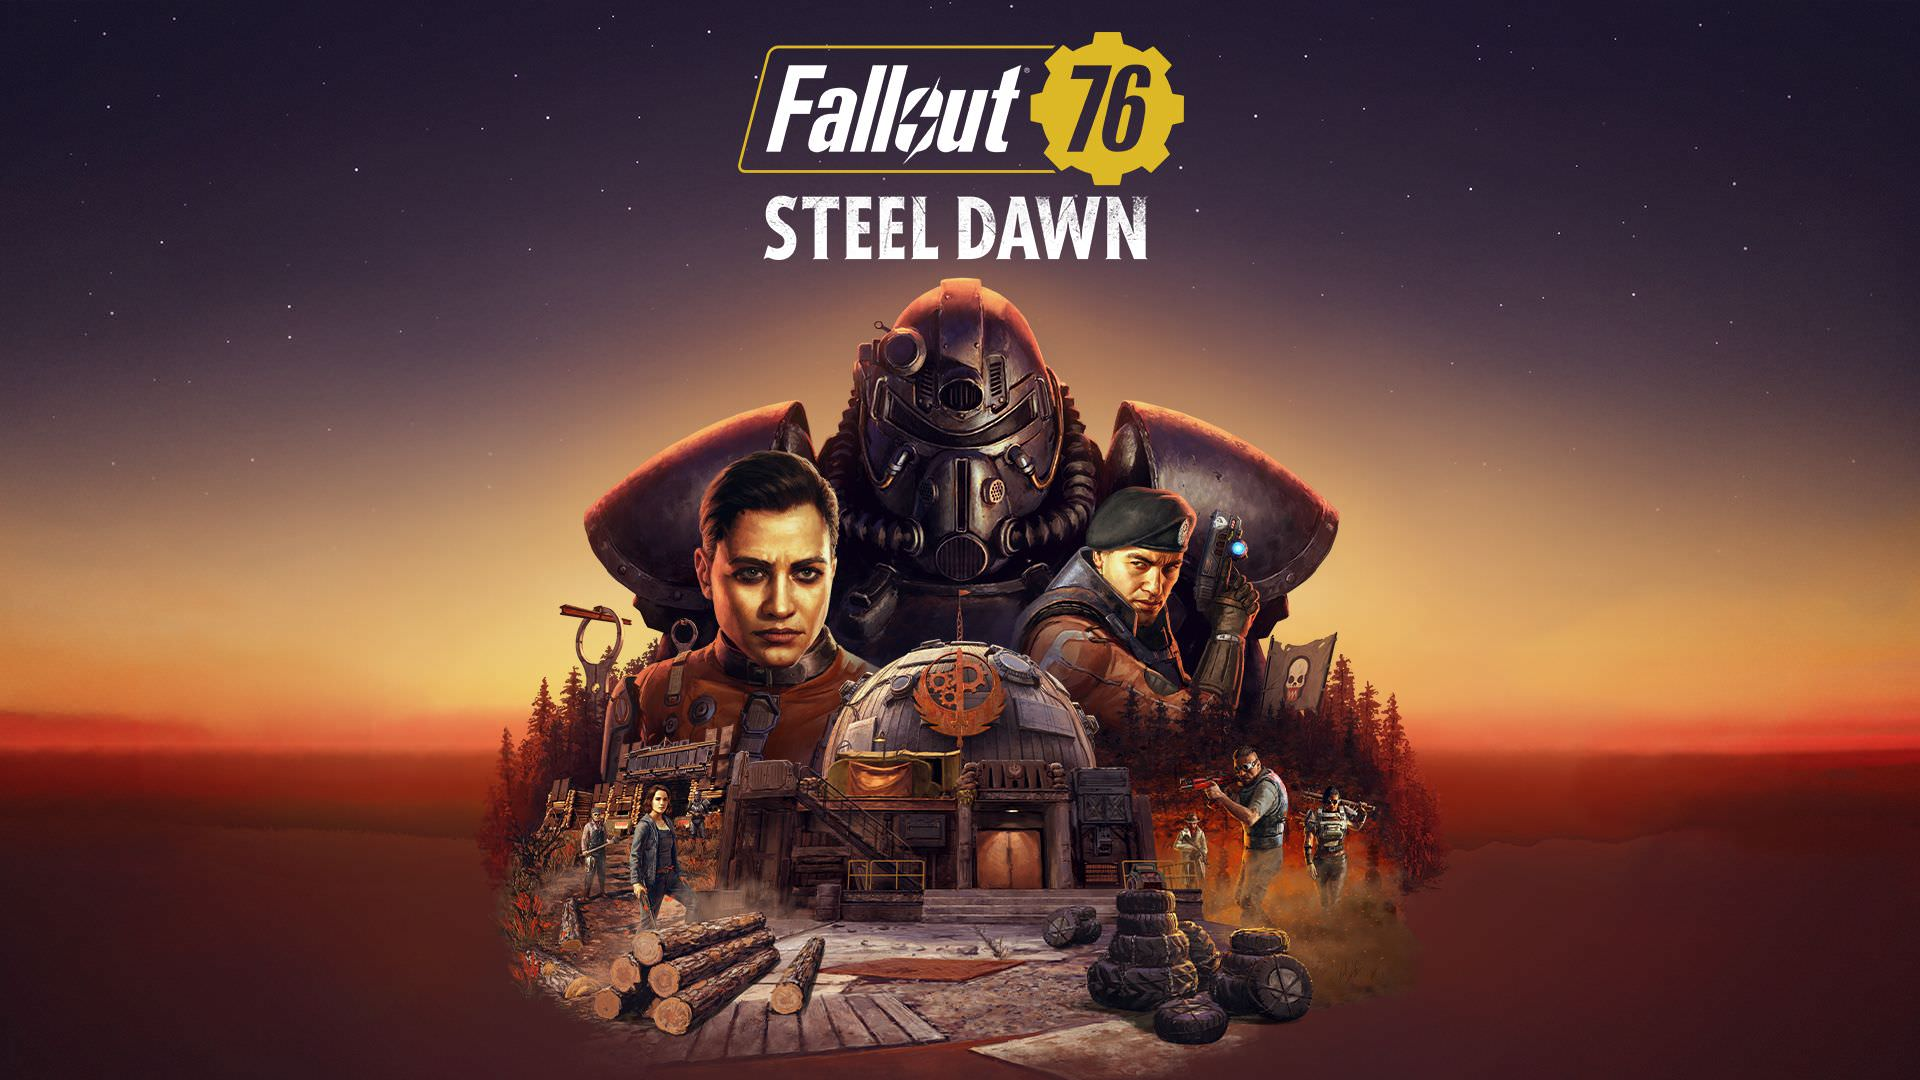 Fallout 76 recibe una nueva actualización: Steel Dawn